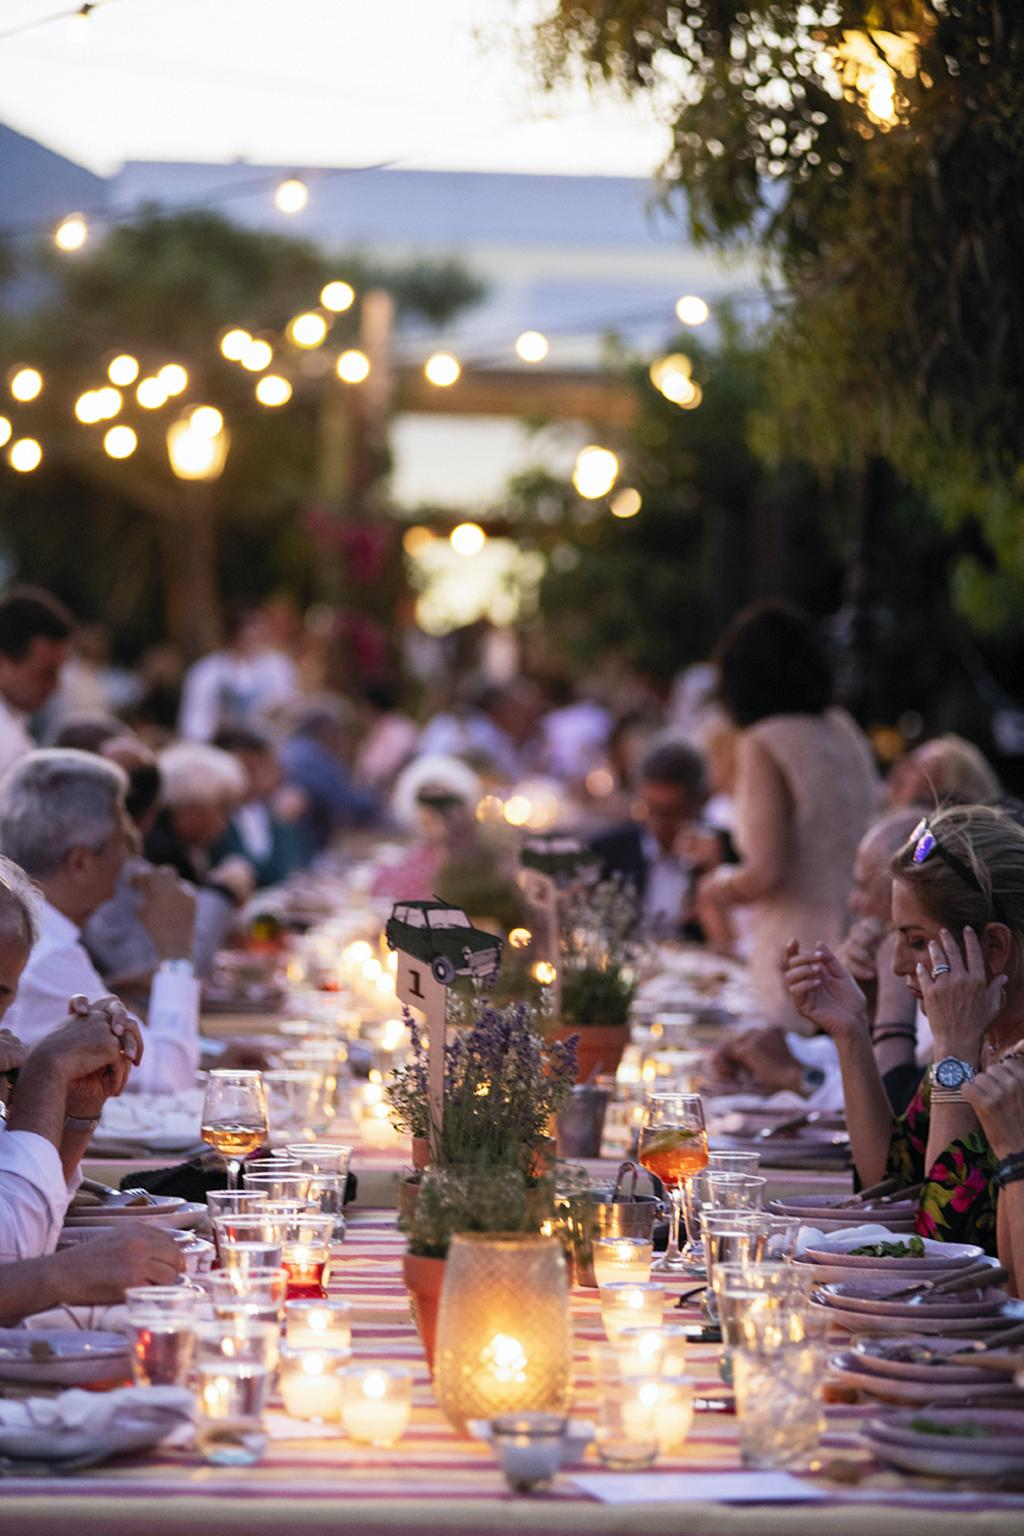 E&P Sifnos pre-wedding & wedding - Image 33